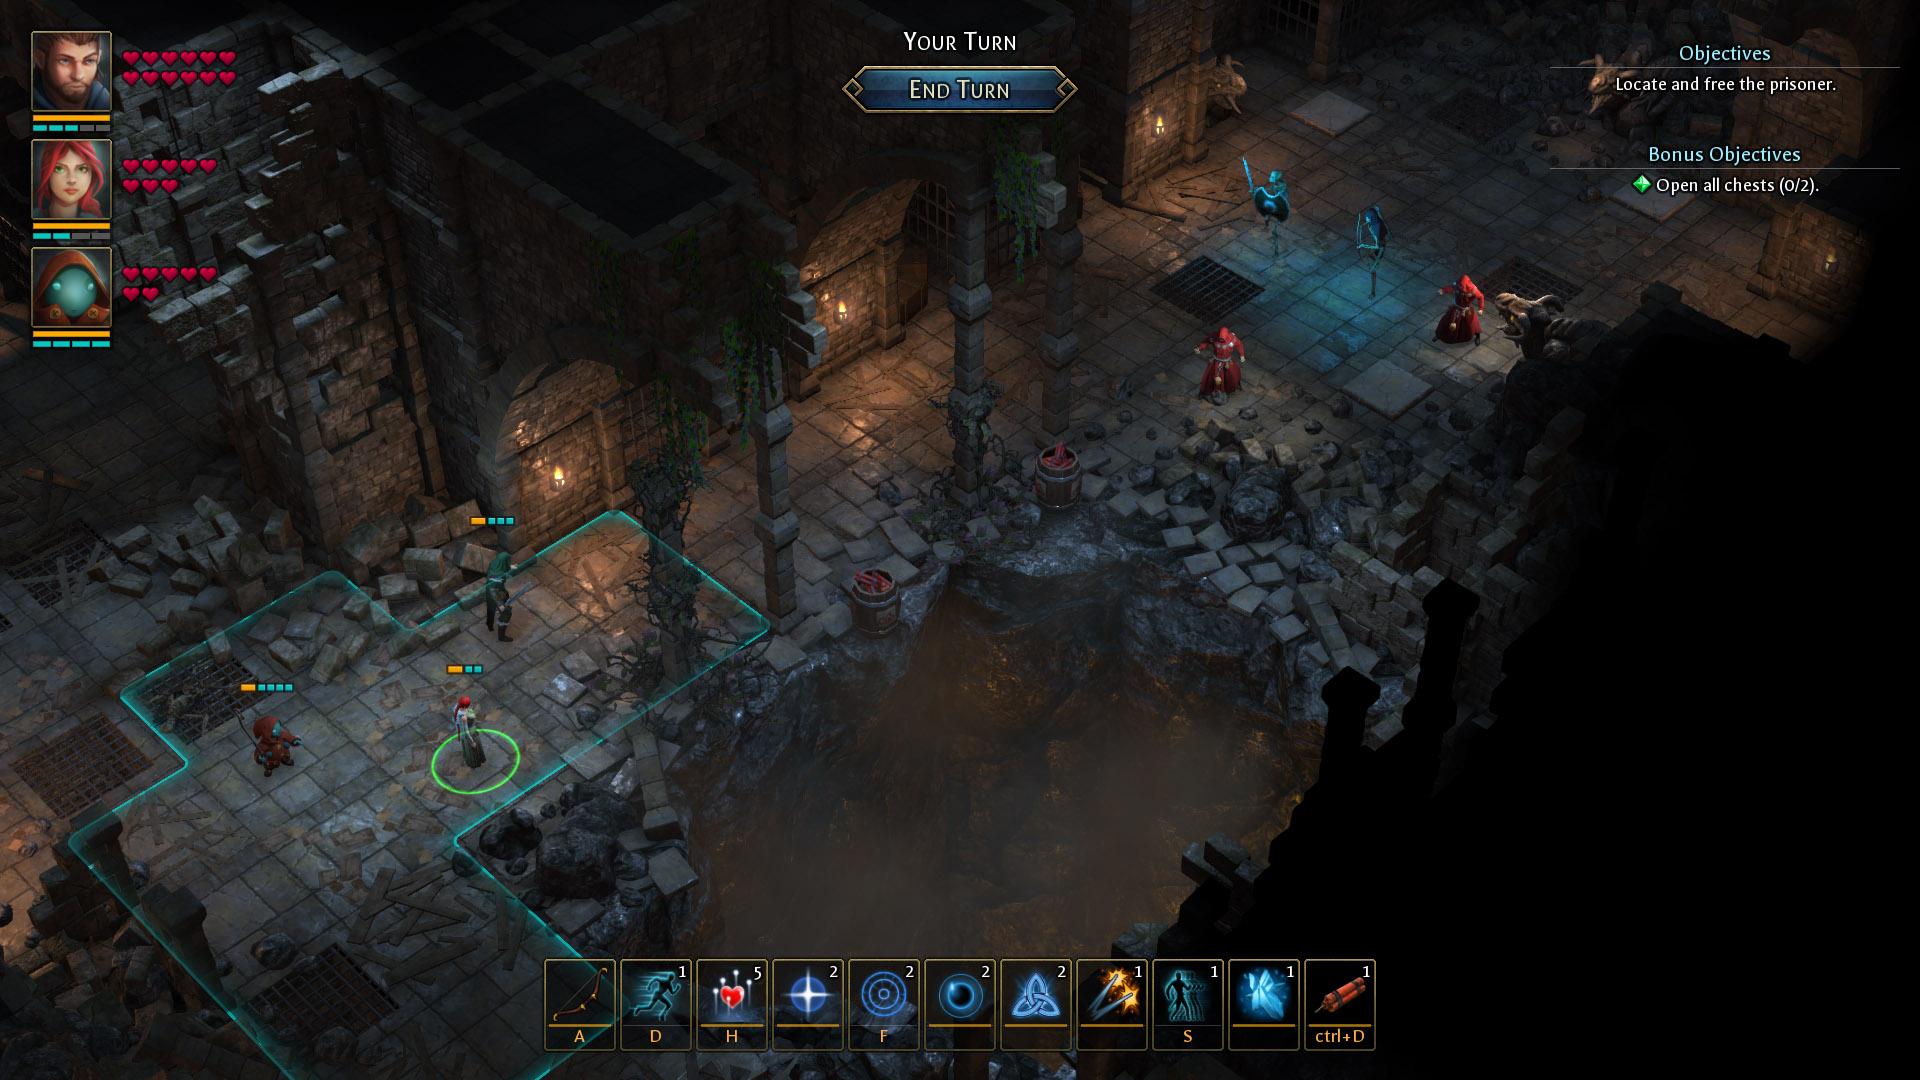 策略RPG《德鲁伊之石:梅希尔森林的秘密》公布 5月16日登Steam